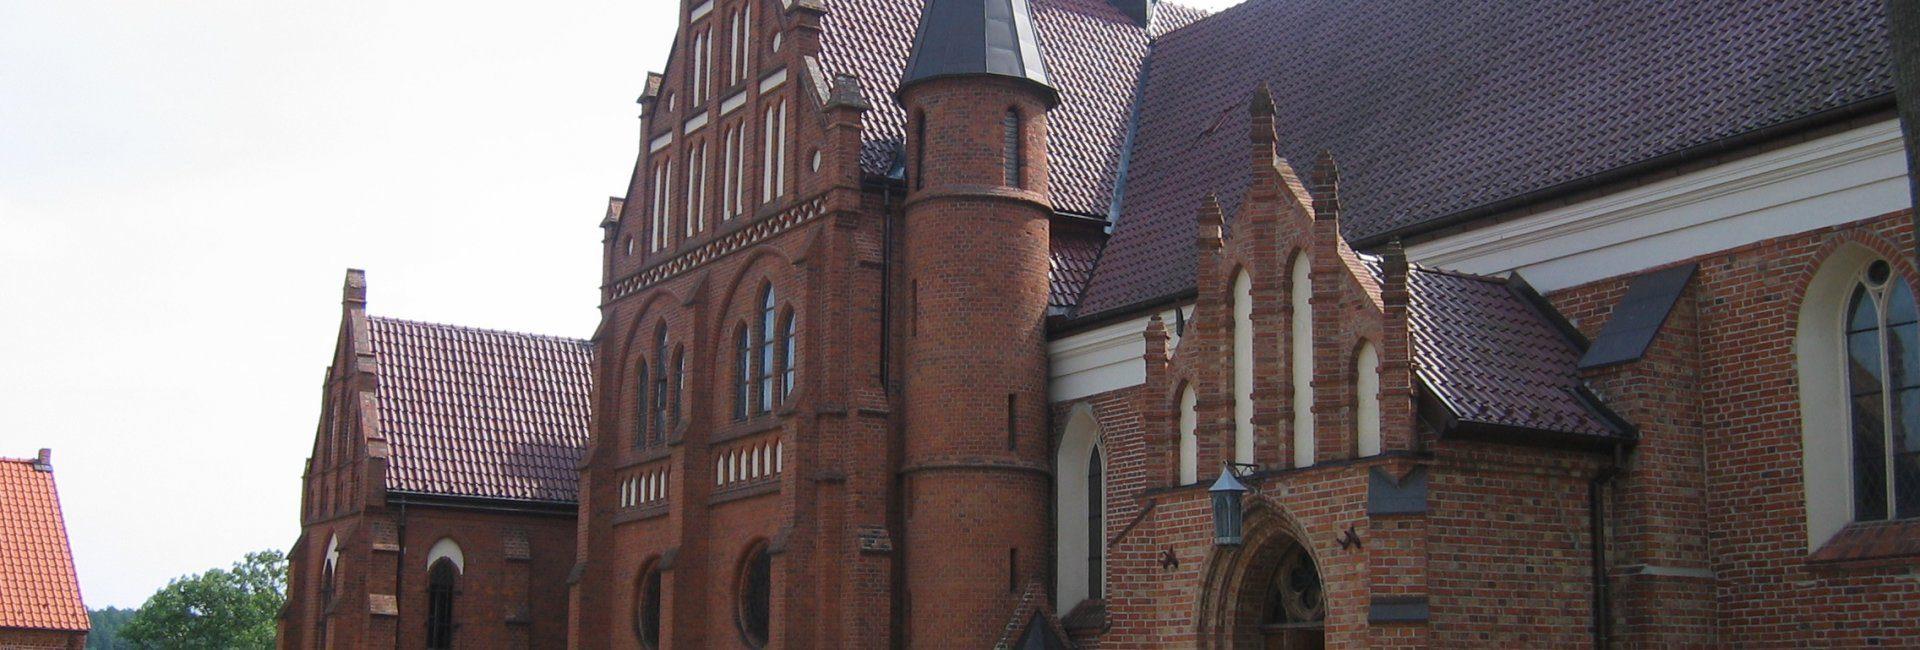 Sanktuarium Maryjne w Gietrzwałdzie (15 km od hotelu)